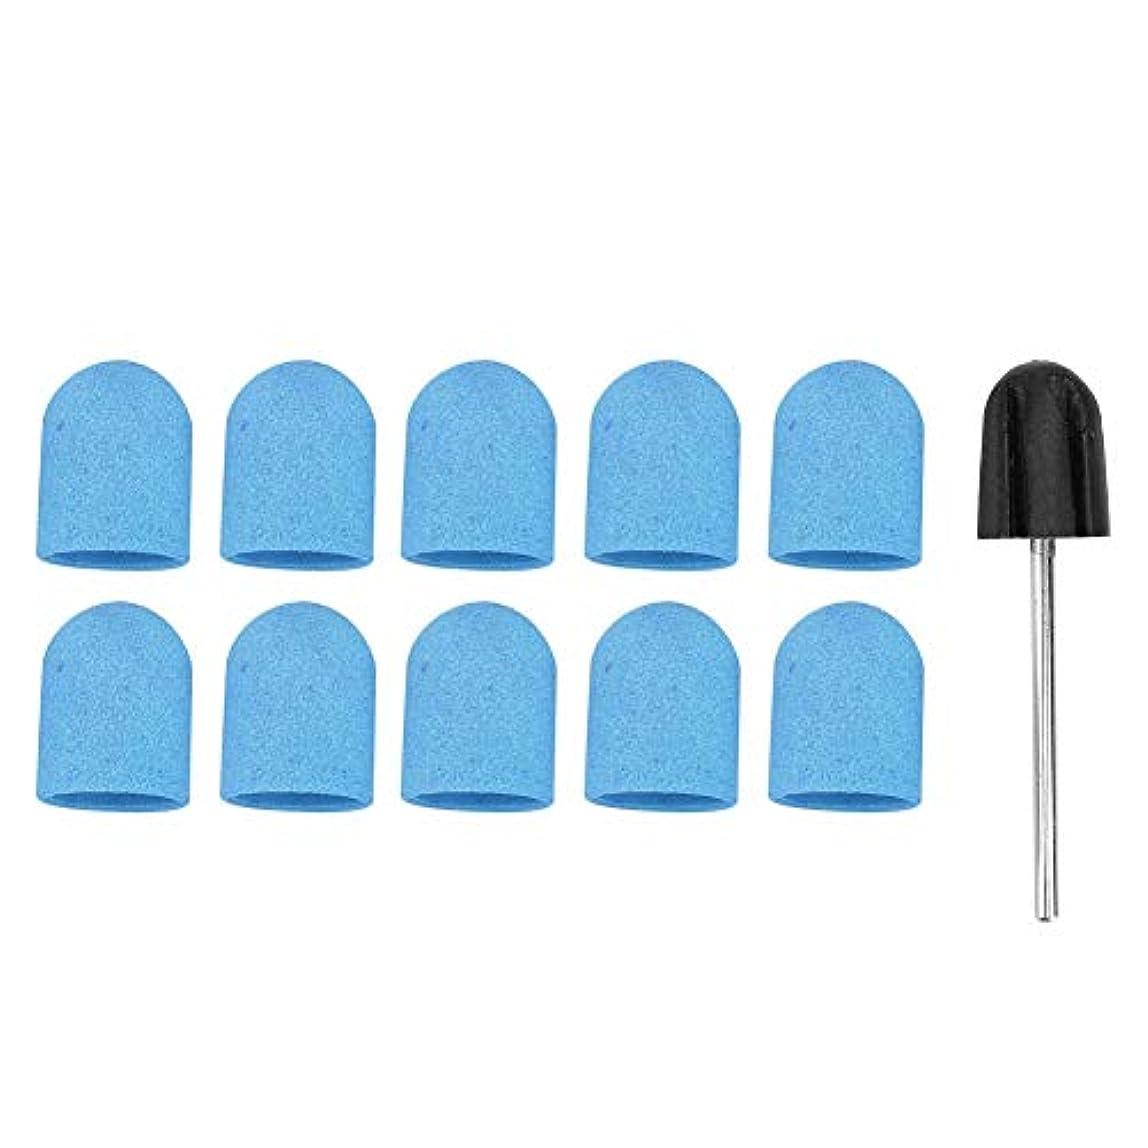 とまさに望むネイルドリルブロックキャップ、ネイルアートサンディングバンド13 x 19 mm(1グリップ付き)、ネイルサロンまたは個人使用、マニキュア用のポリッシュ研磨ヘッド、ネイル研磨およびトリミング(2)